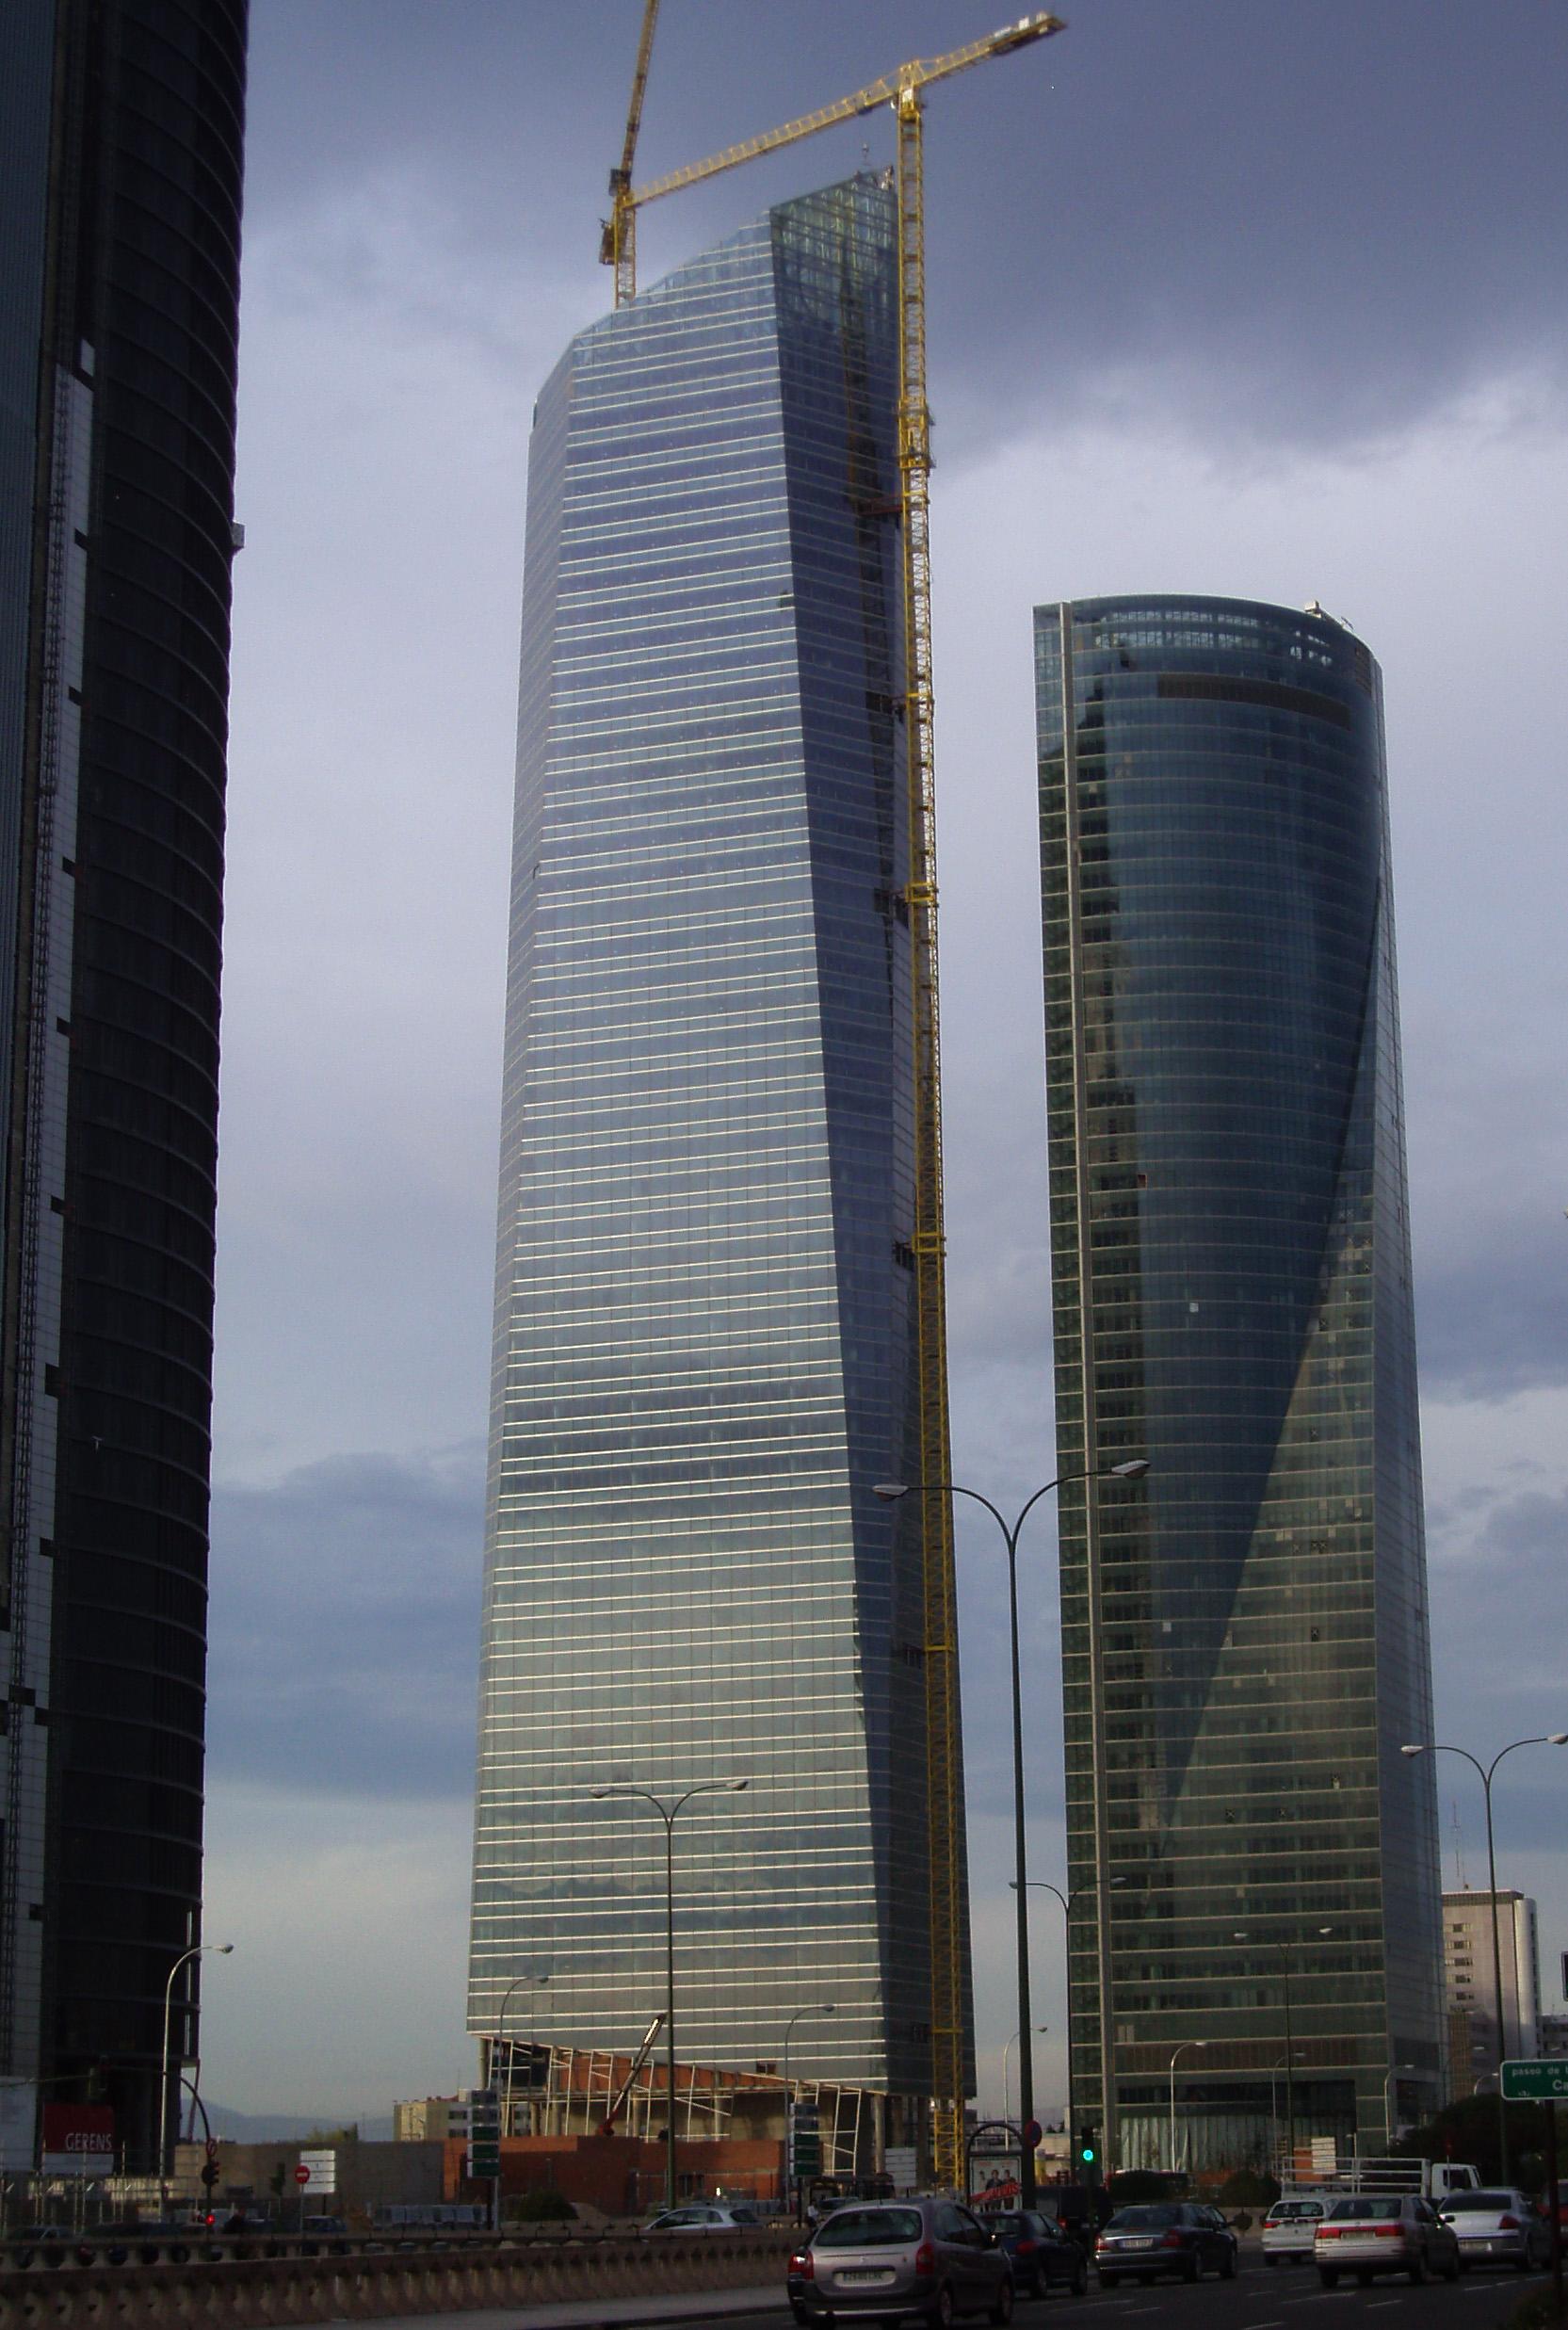 edificio ms alto de espaa